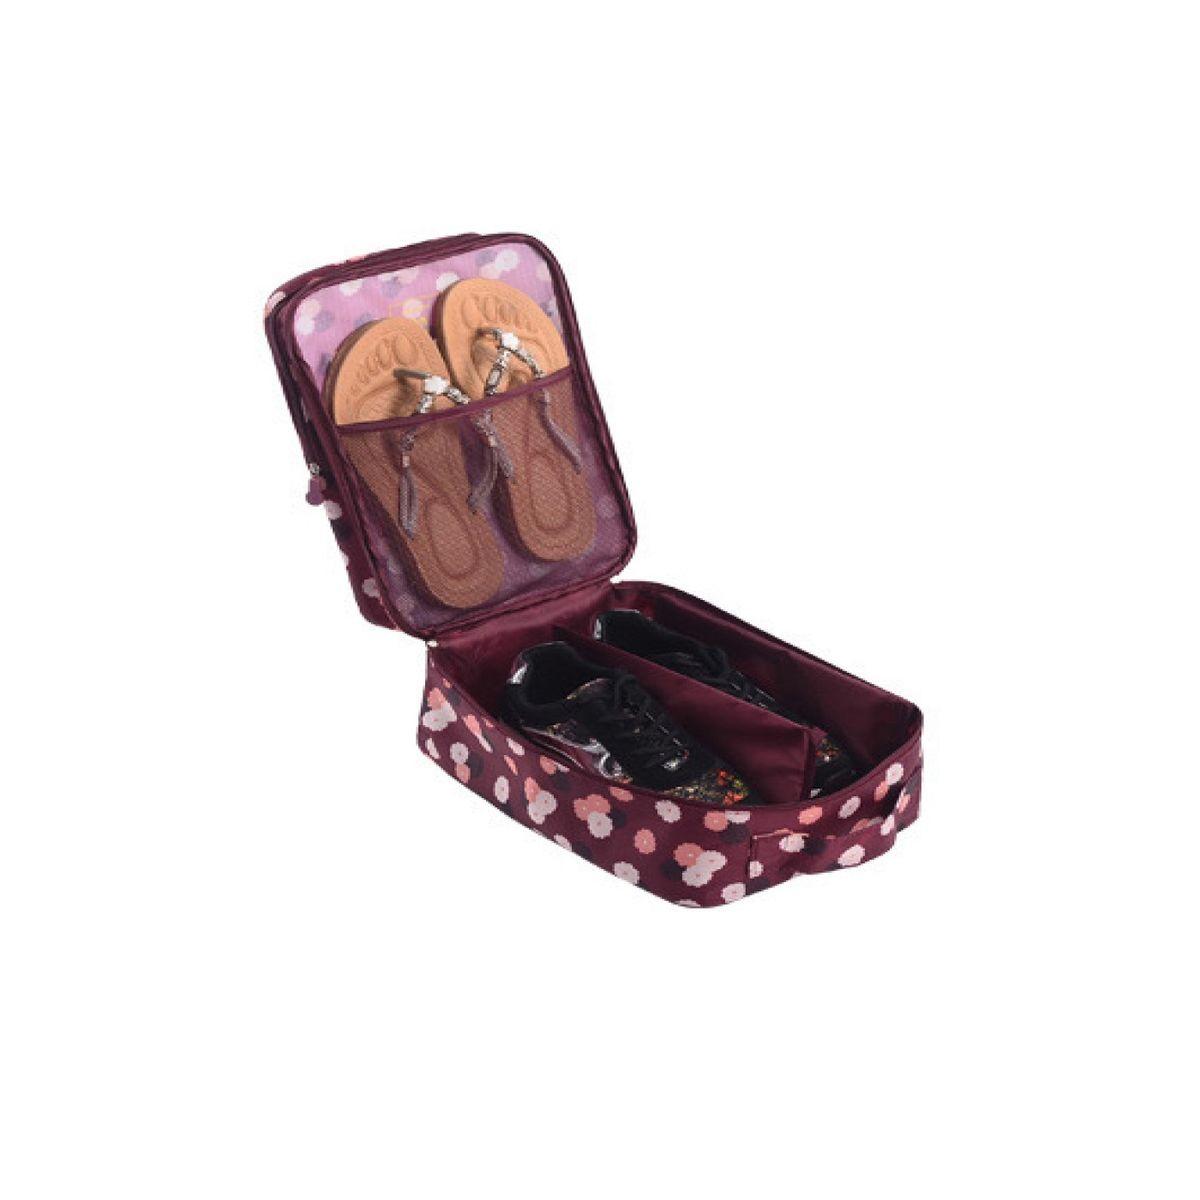 Органайзер для обуви Homsu Цветок, цвет: бордовый, белый, розовый, 32 x 20 x 13 смHOM-411Органайзер для обуви Homsu Цветок изготовлениз 100% полиэстера. Экономичная заменапластиковым пакетам и громоздким коробкам.Органайзер закрывается на молнию. Имеется ручкадля удобной переноски. Внутриорганайзер разделен на 2 отделения для обуви сдополнительным сетчатым кармашком. Очень компактный и очень удобный, такойорганайзерпоможет вам хранить обувь в чистоте и порядке. Размер: 32 х 20 х 13 см.